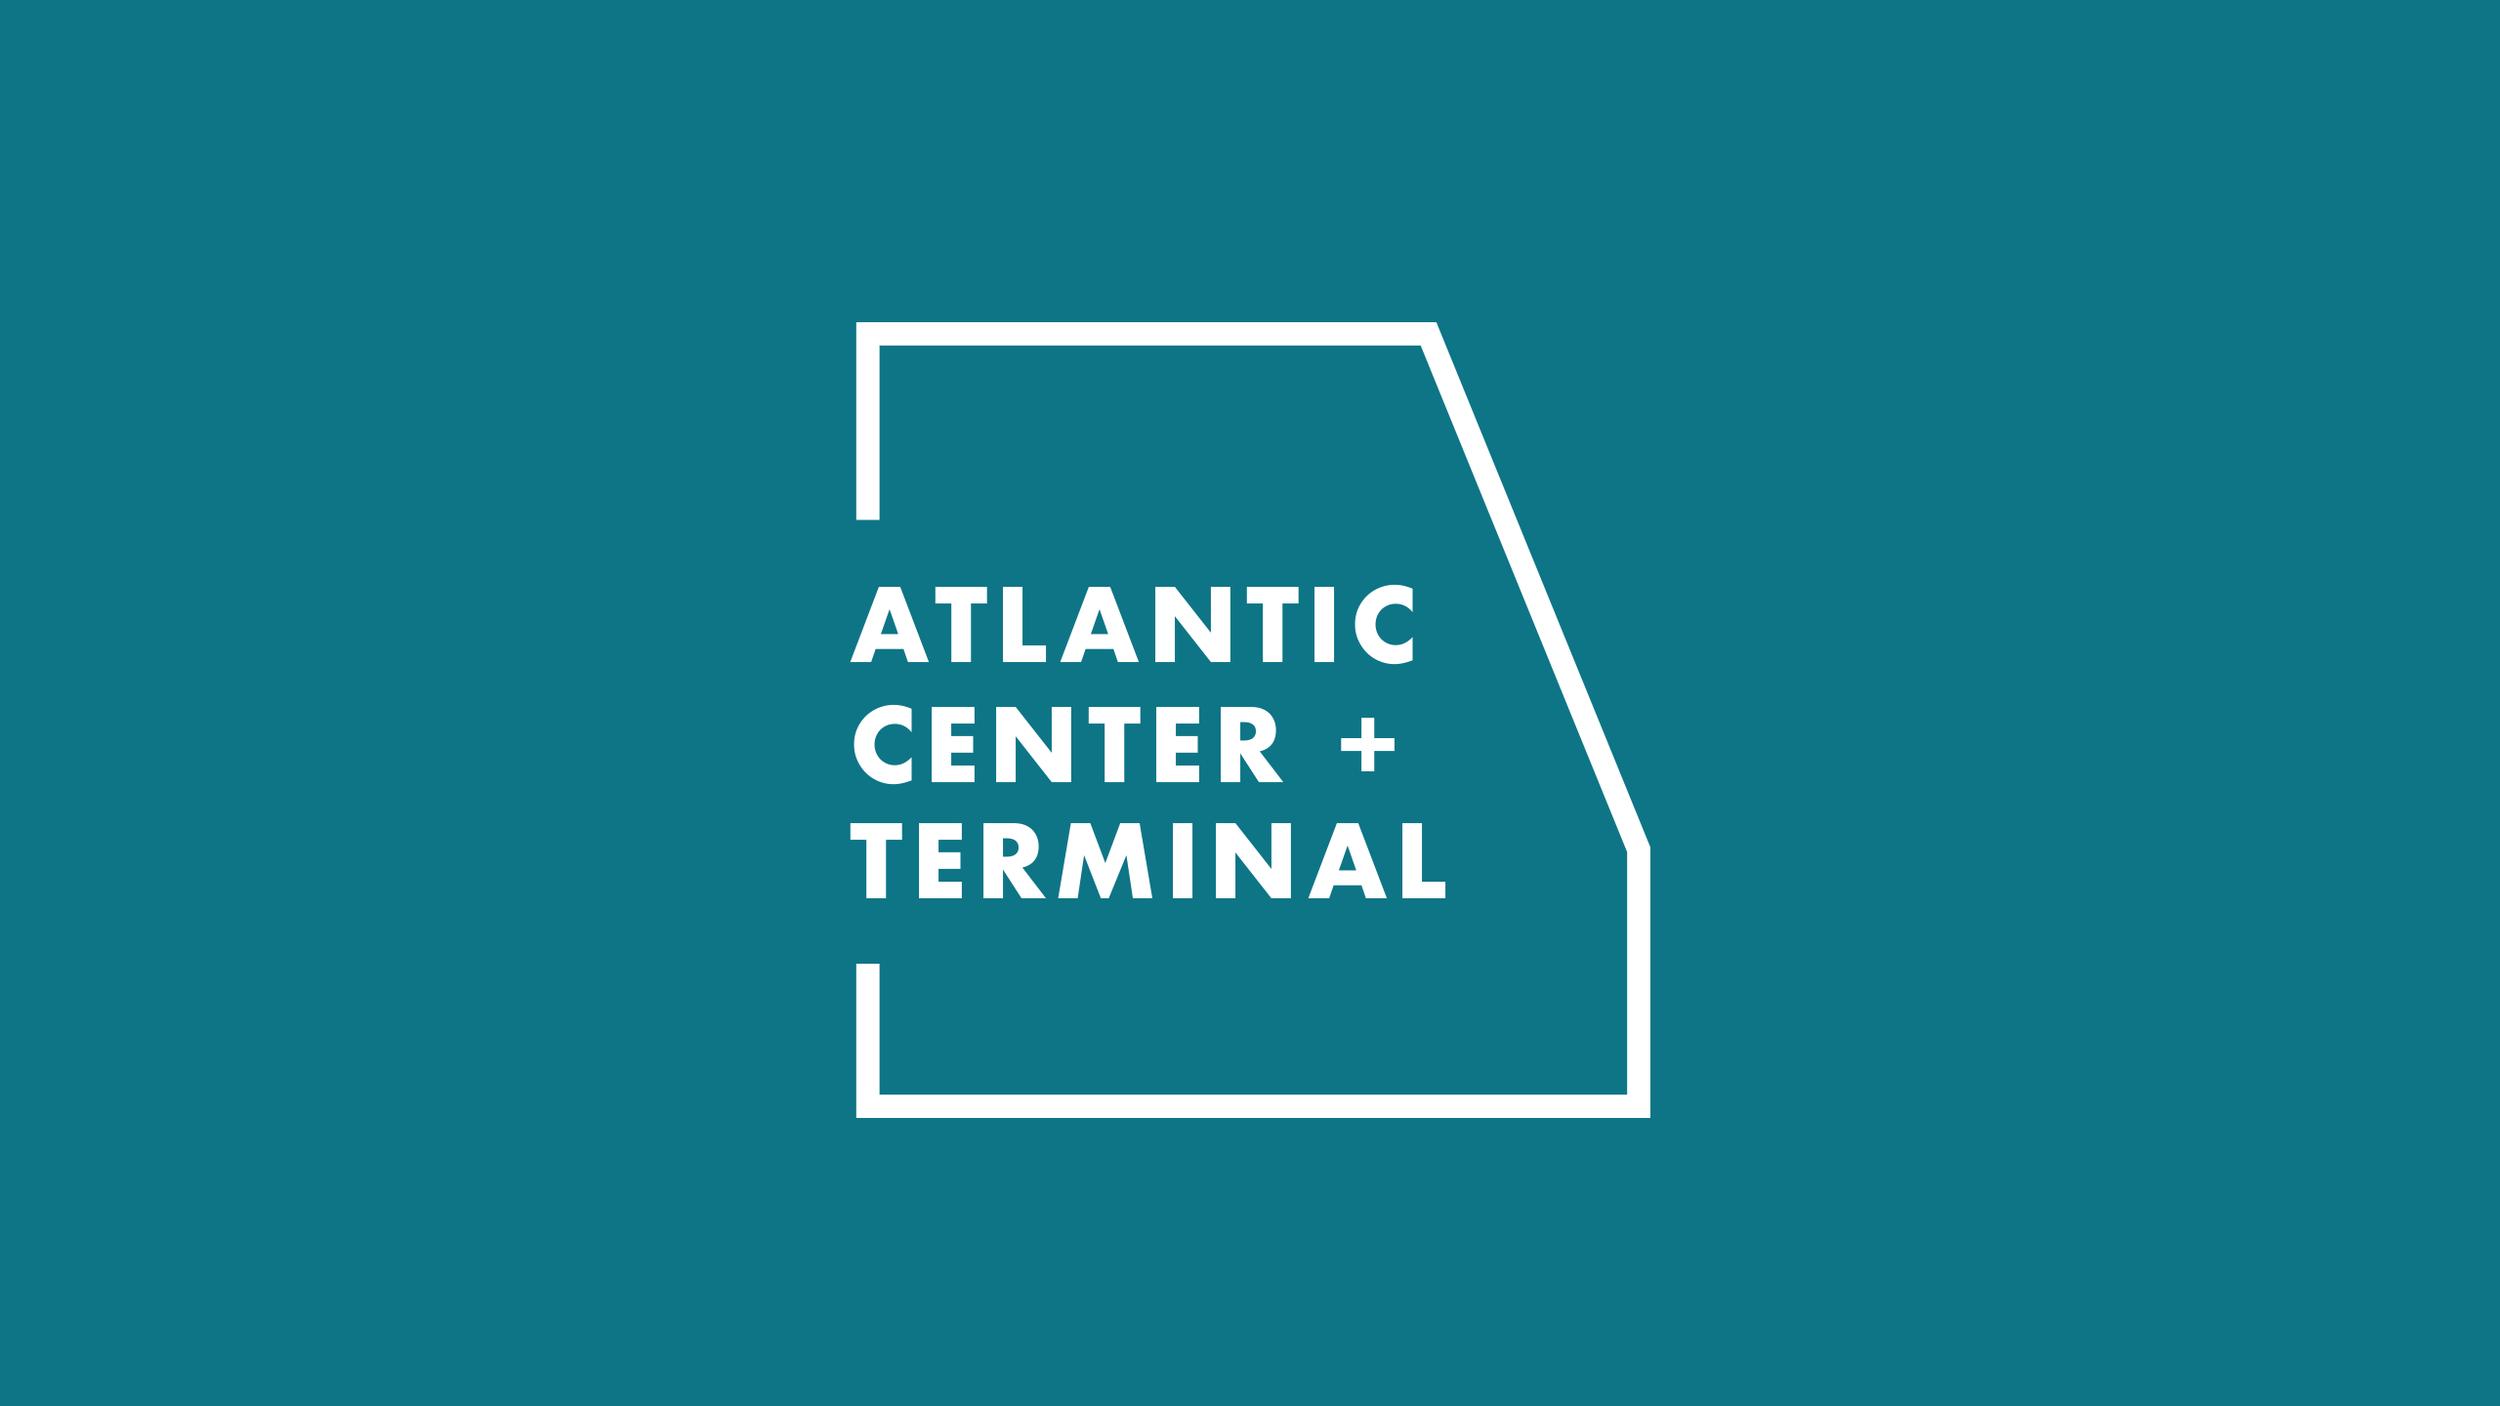 MIR-Logo-Placeholder-ATC-N.png